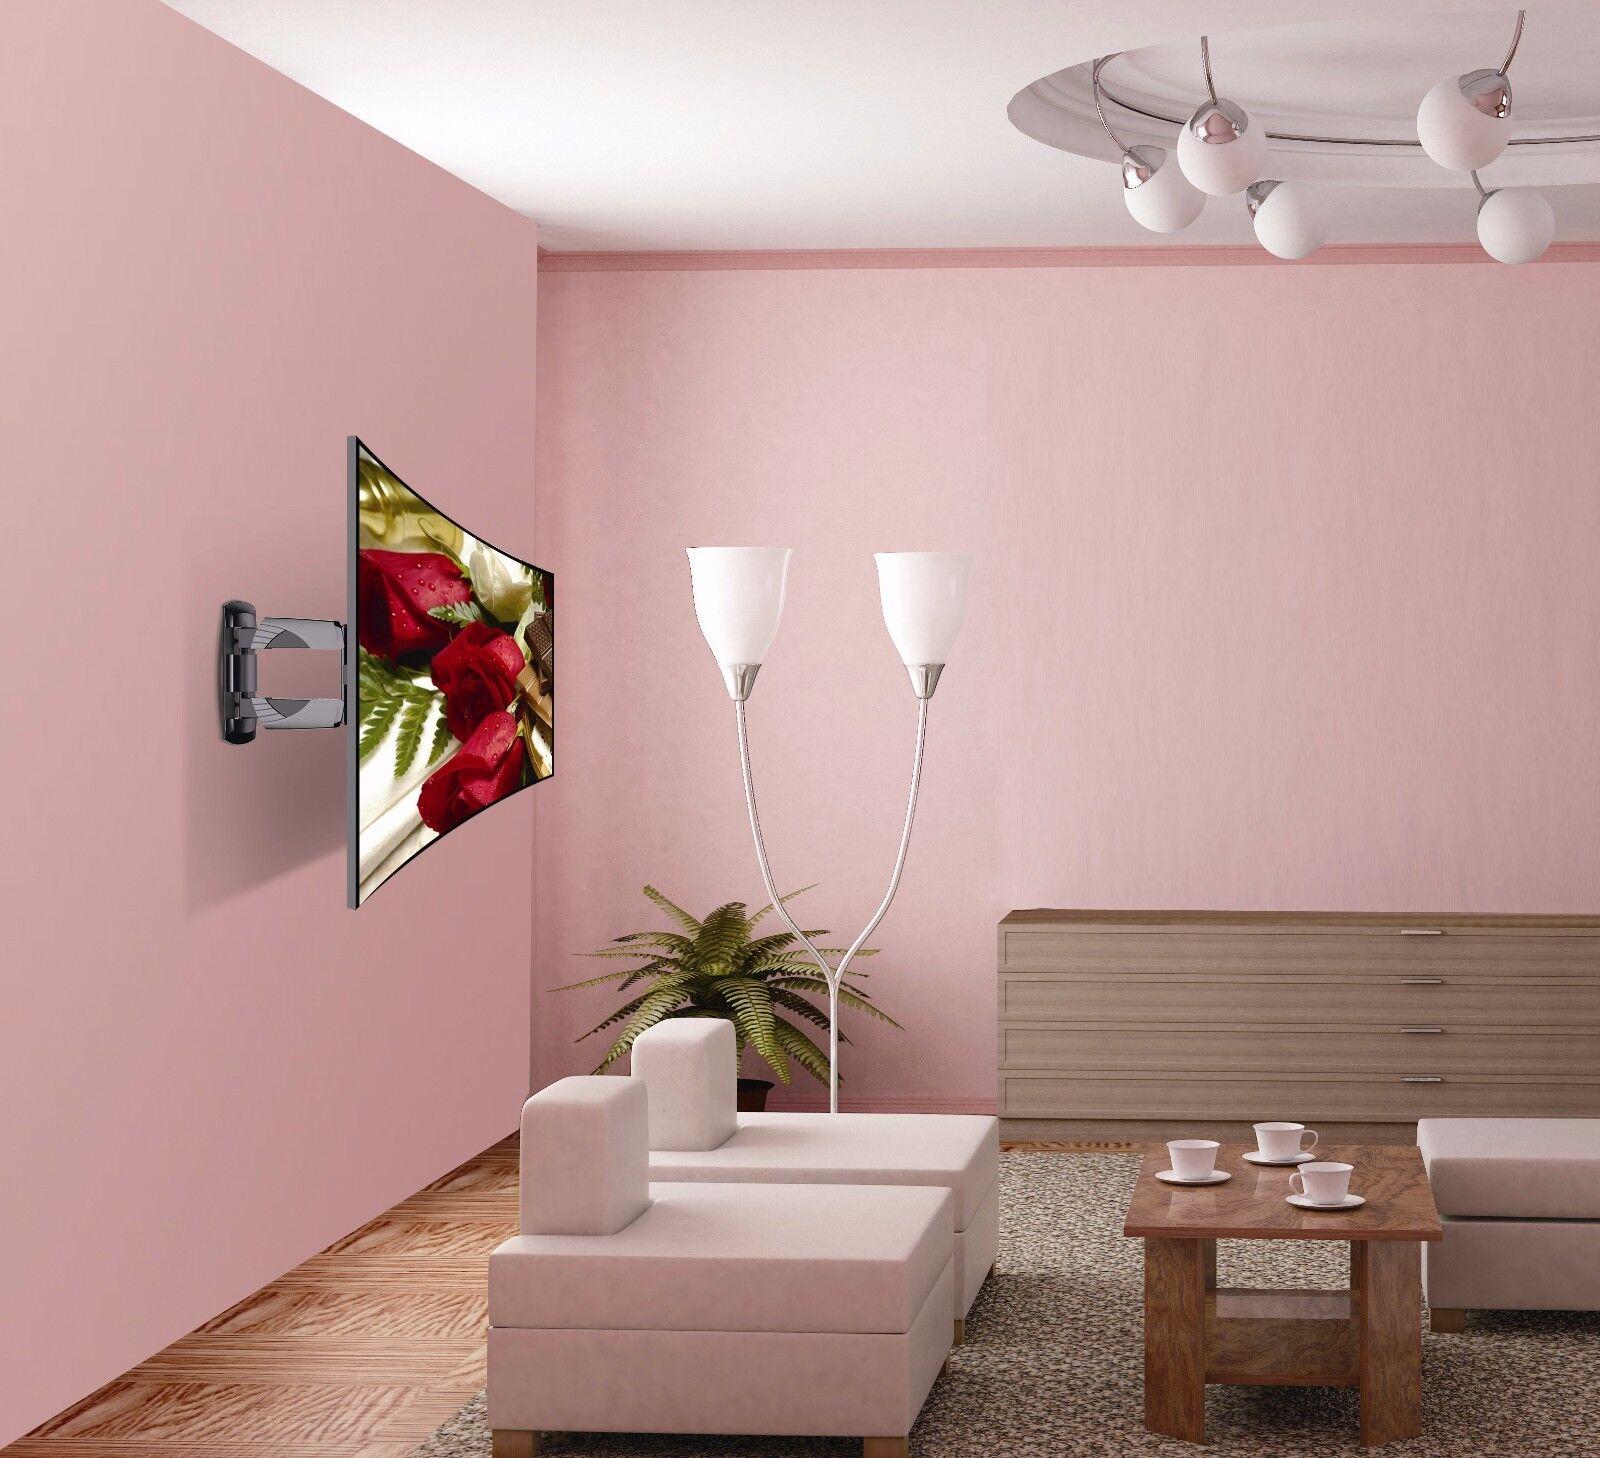 TV Wall Mount Swivel Tilt Full Motion 32 37 39 40 42 43 46 47 Inch LED LCD Flat